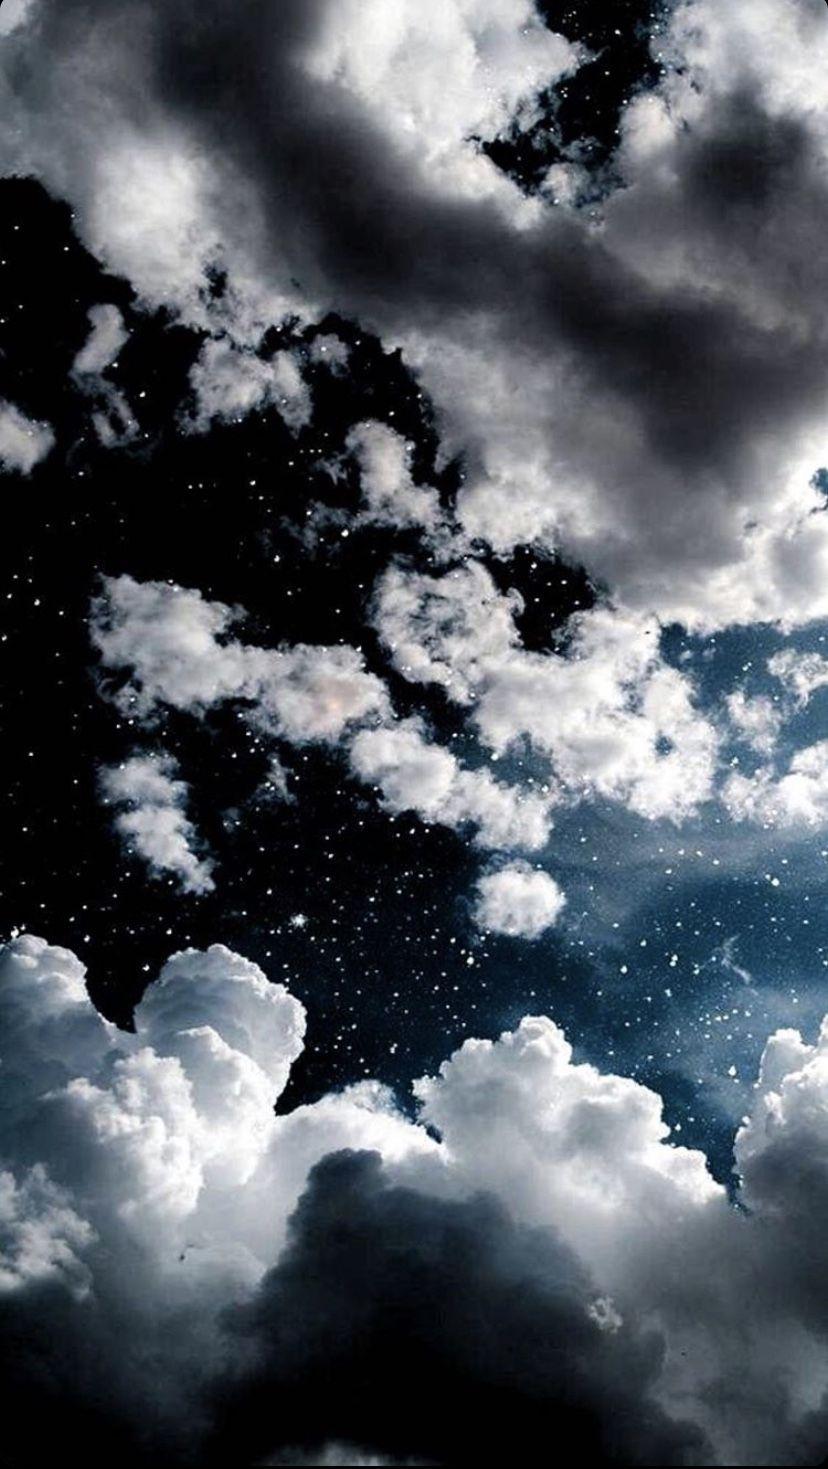 Pin By Caj Salla On Wallpaper In 2020 Night Sky Wallpaper Sky Aesthetic Iphone Wallpaper Sky